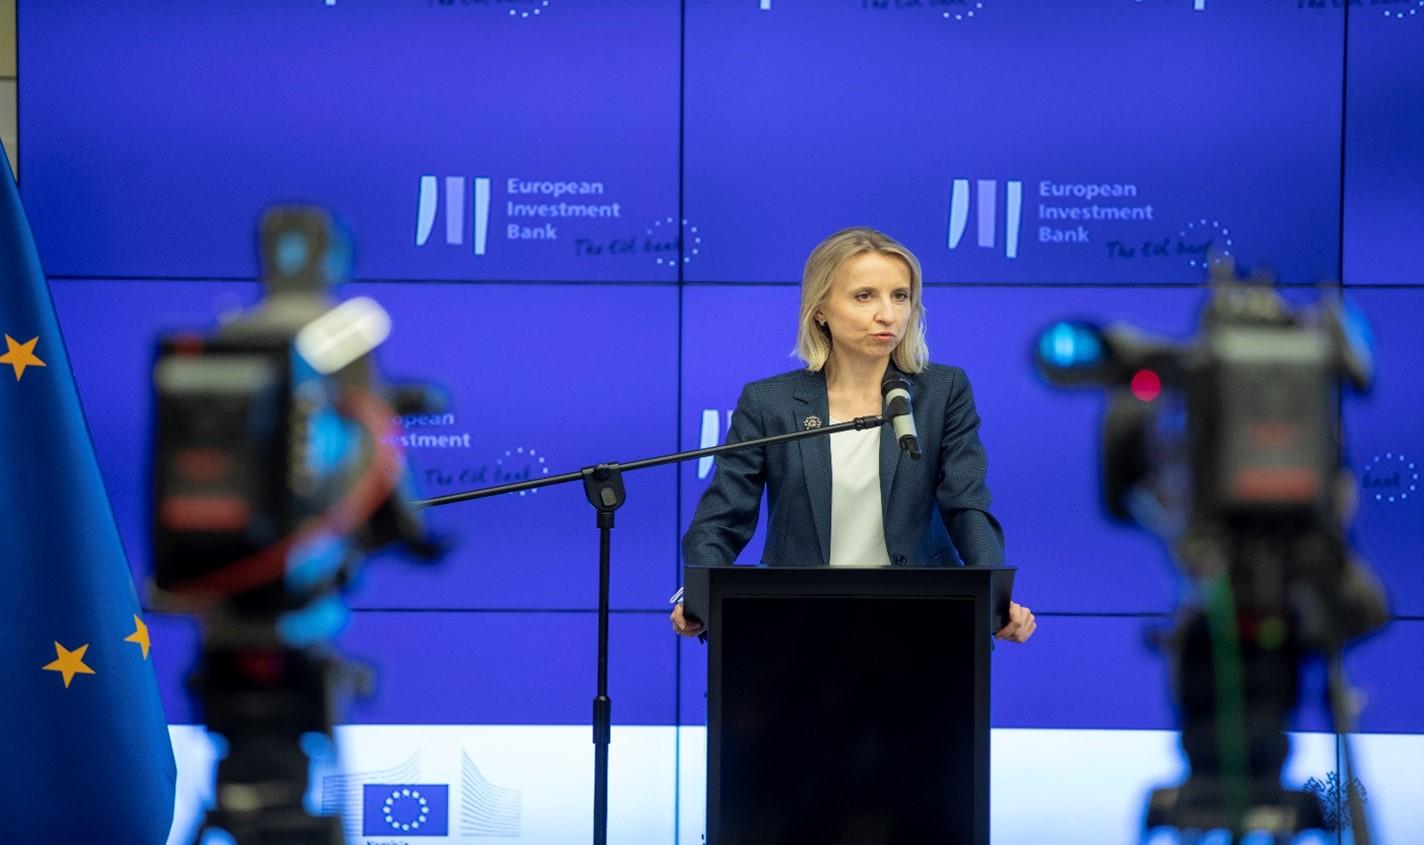 Fot. Teresa Czerwińska, wice prezes Europejskiego Banku Inwestycyjnego podczas wystąpienia.